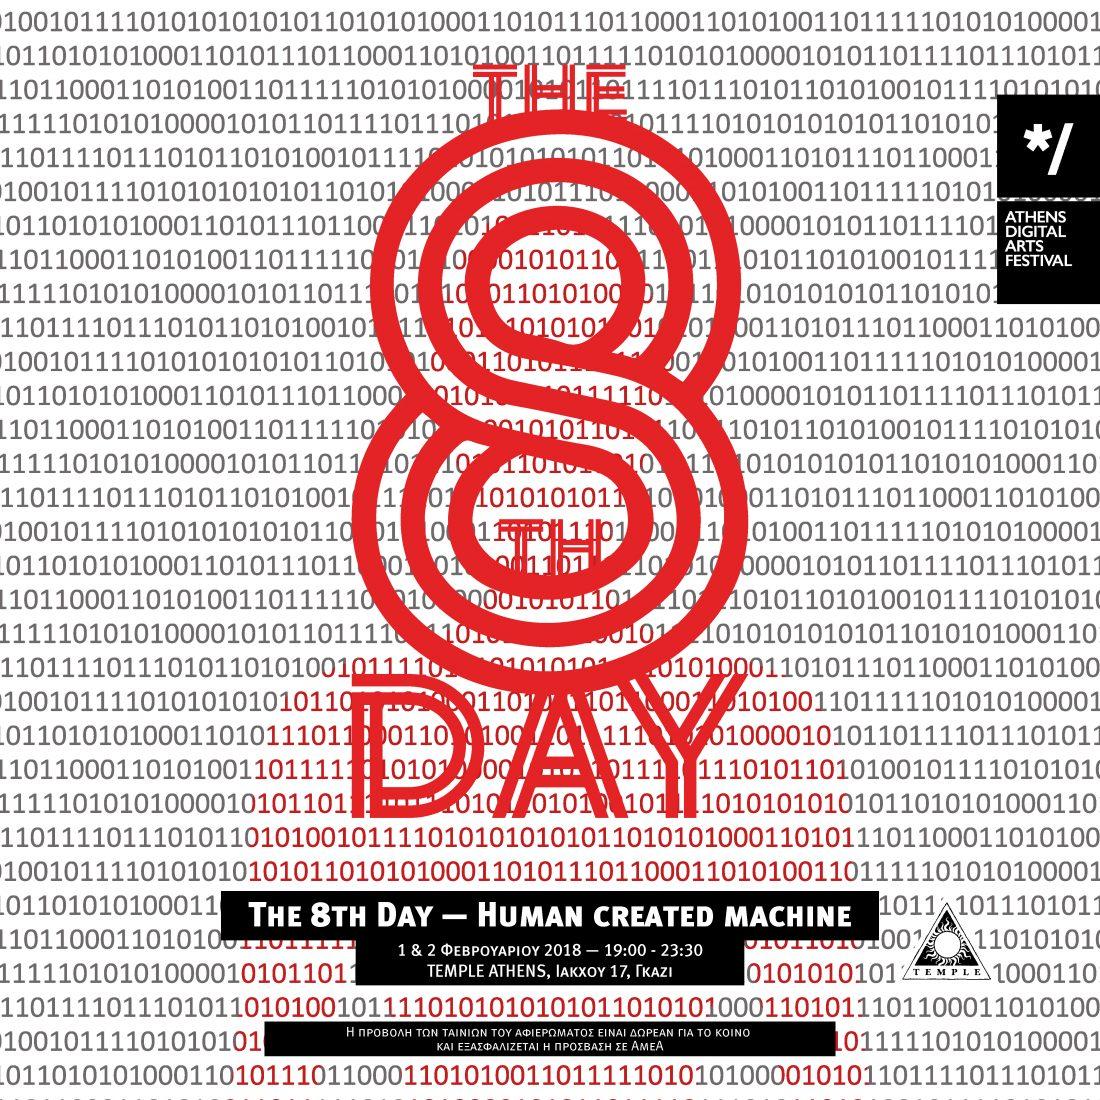 Τhe 8 th Day | Human Created Machine